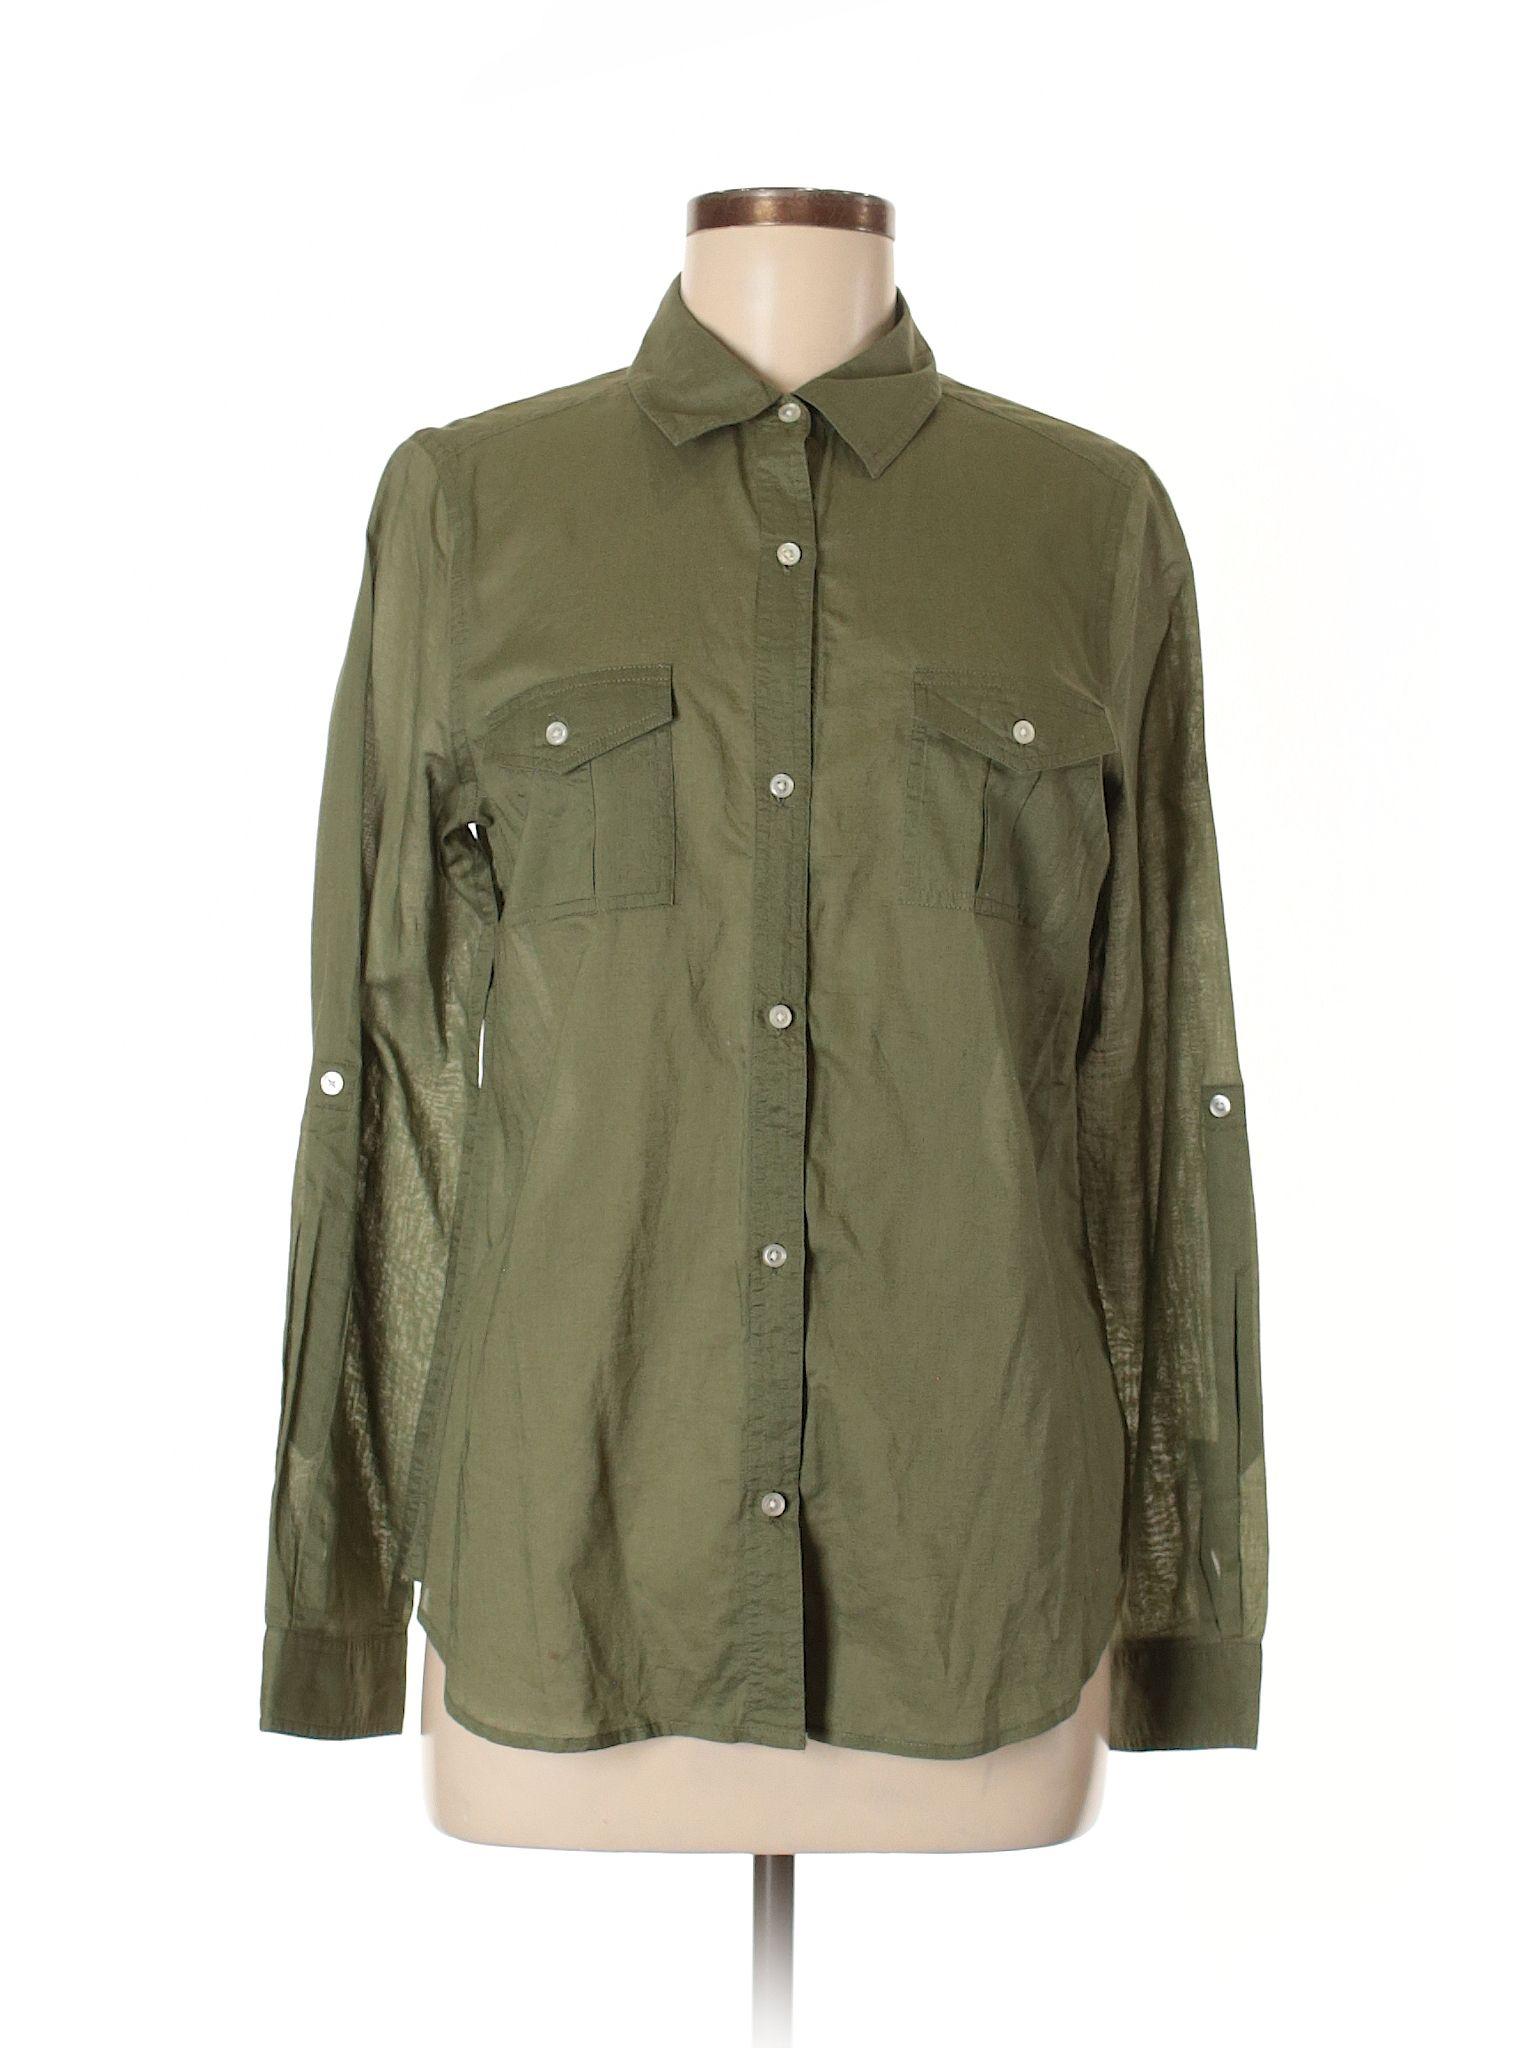 Dark green dress shirt  Long Sleeve ButtonDown Shirt  Products  Pinterest  Free shipping